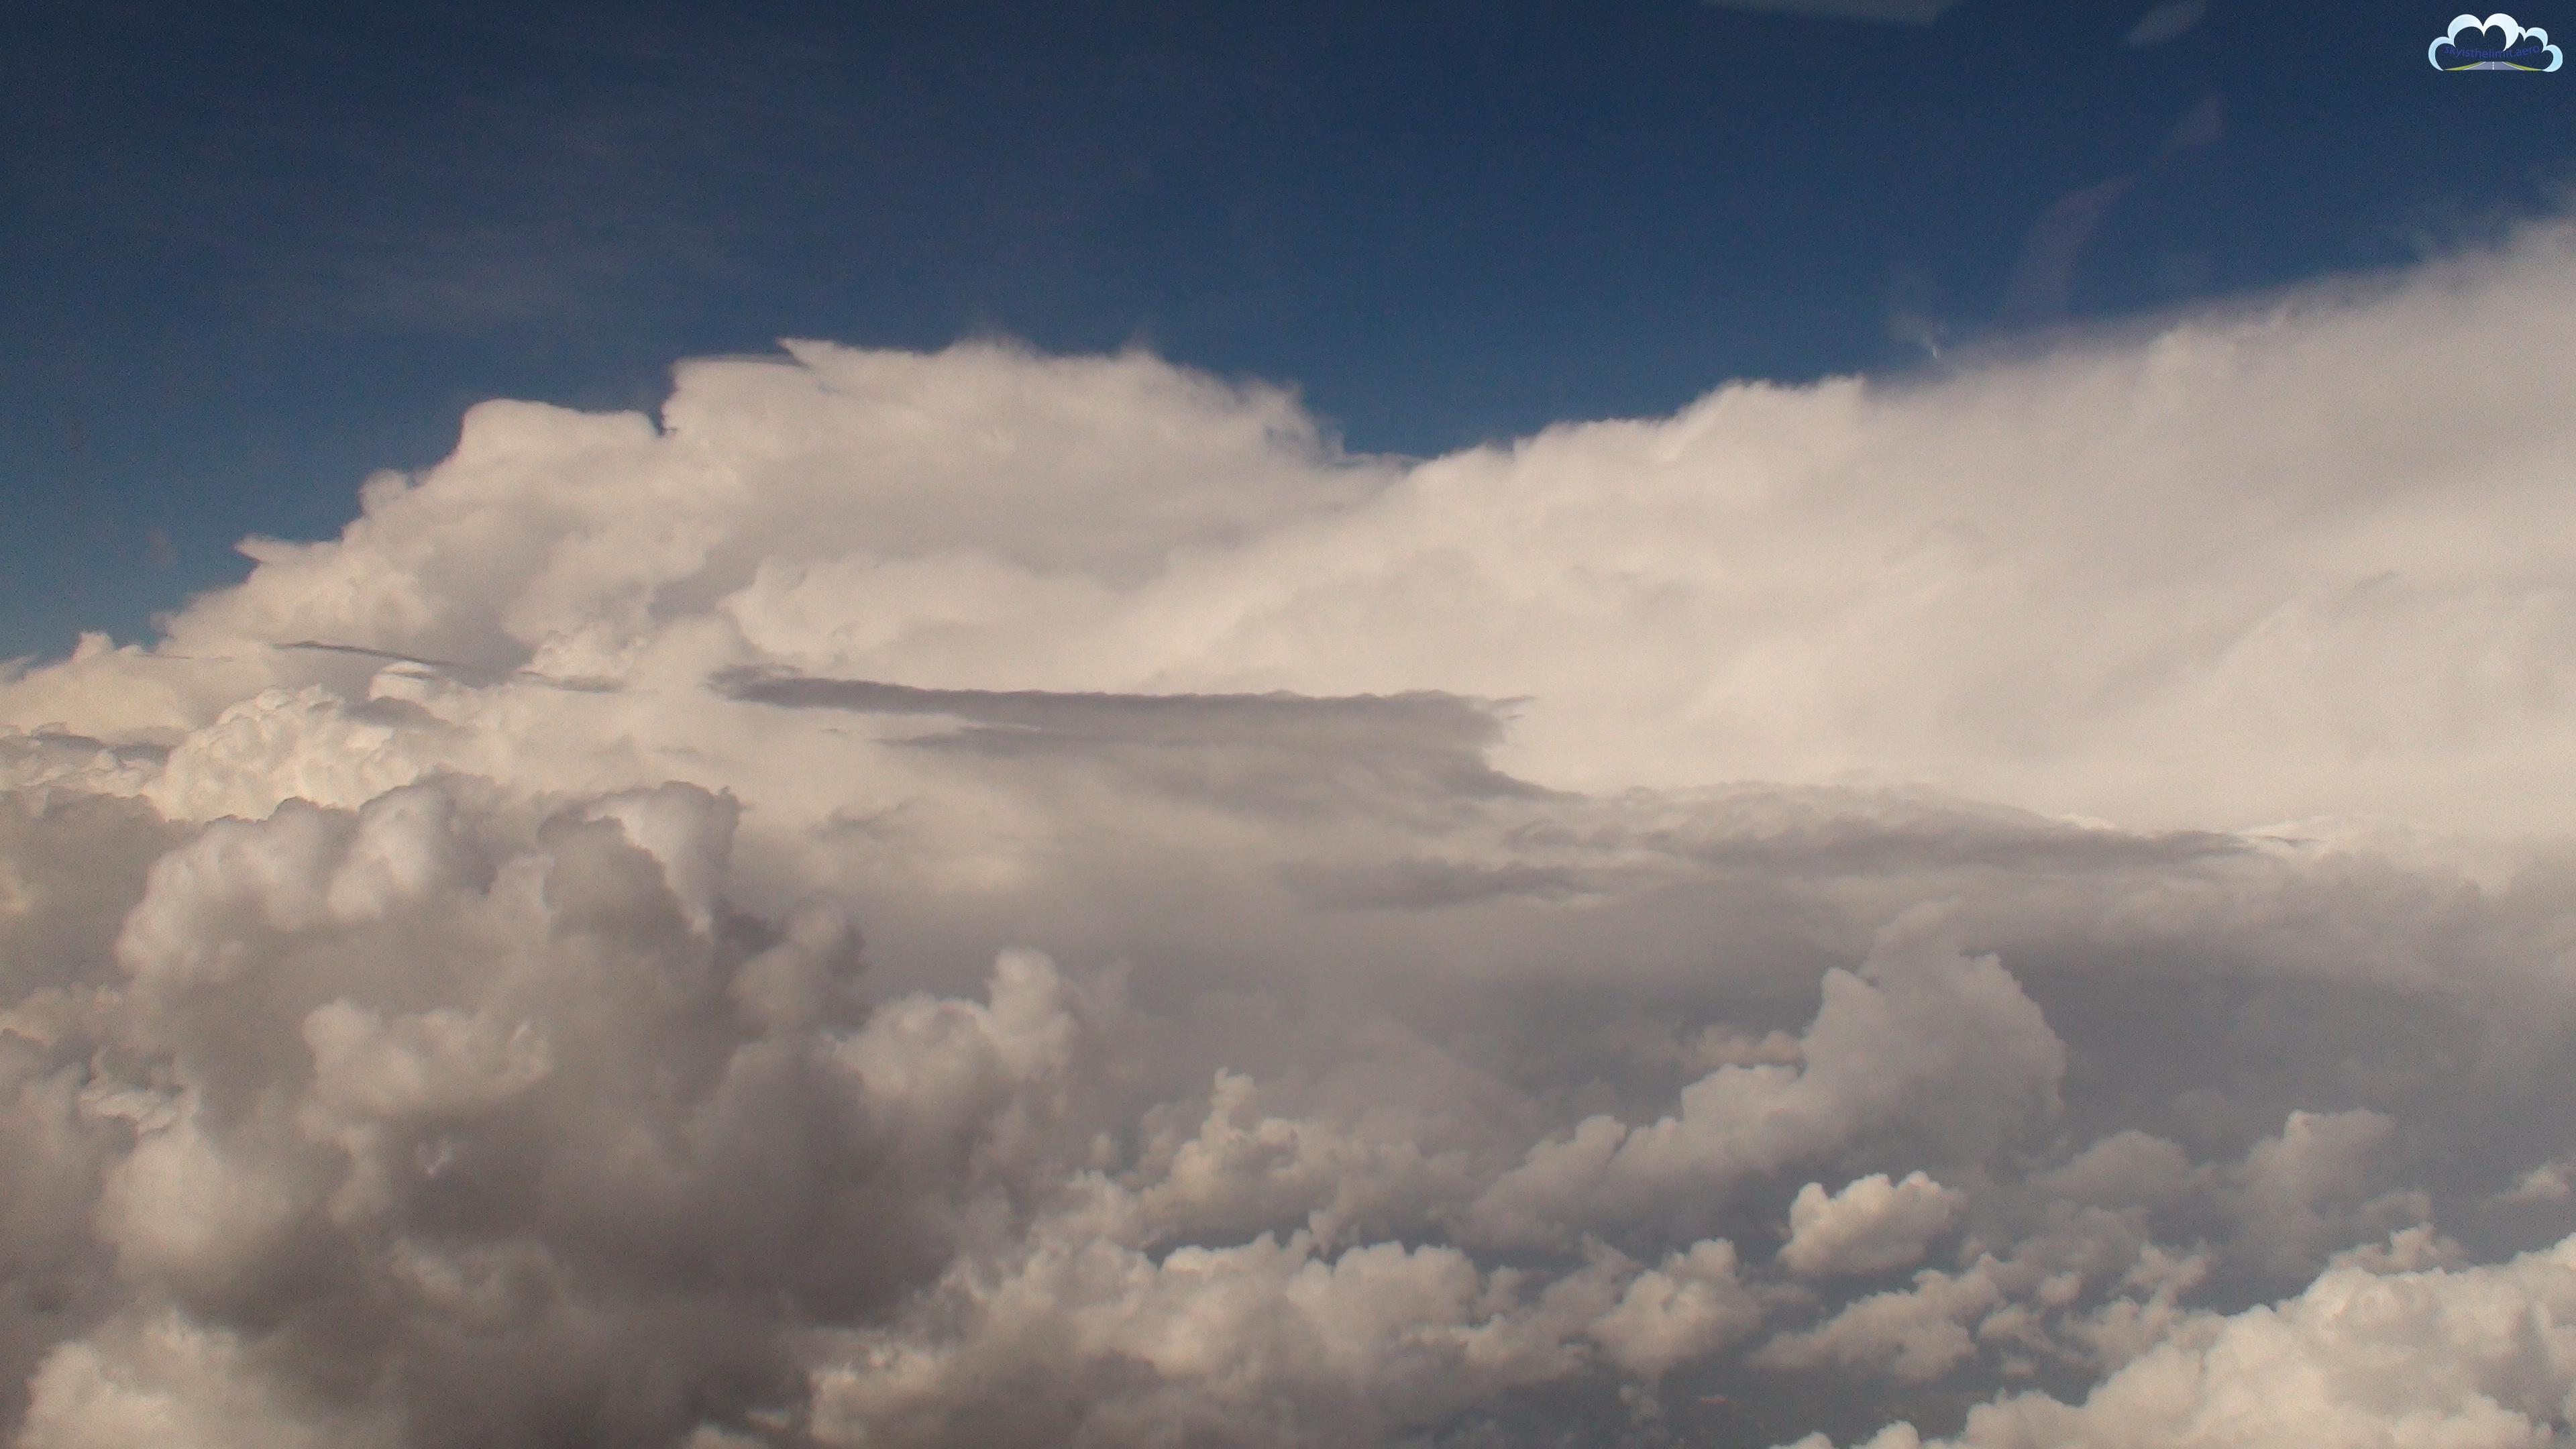 W labiryncie chmur. Granica Chorwacji i Bośni i Herzegowiny.